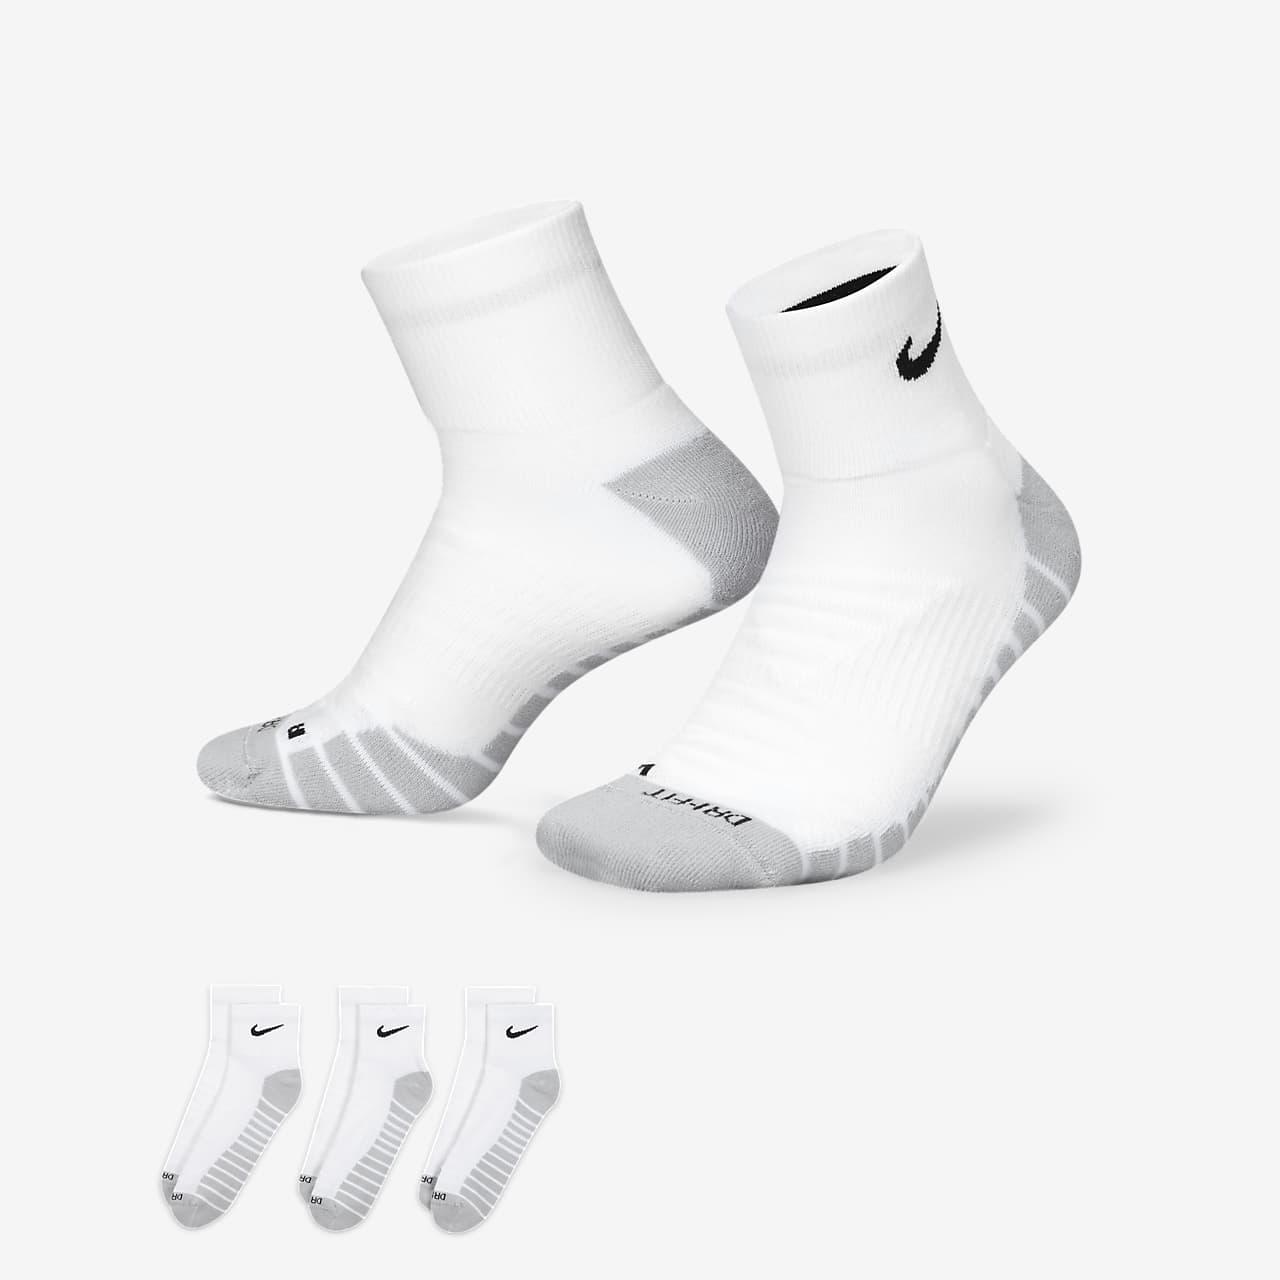 Nike Everyday Max Cushioned Crew Antrenman Bilek Çorapları (3 Çift)